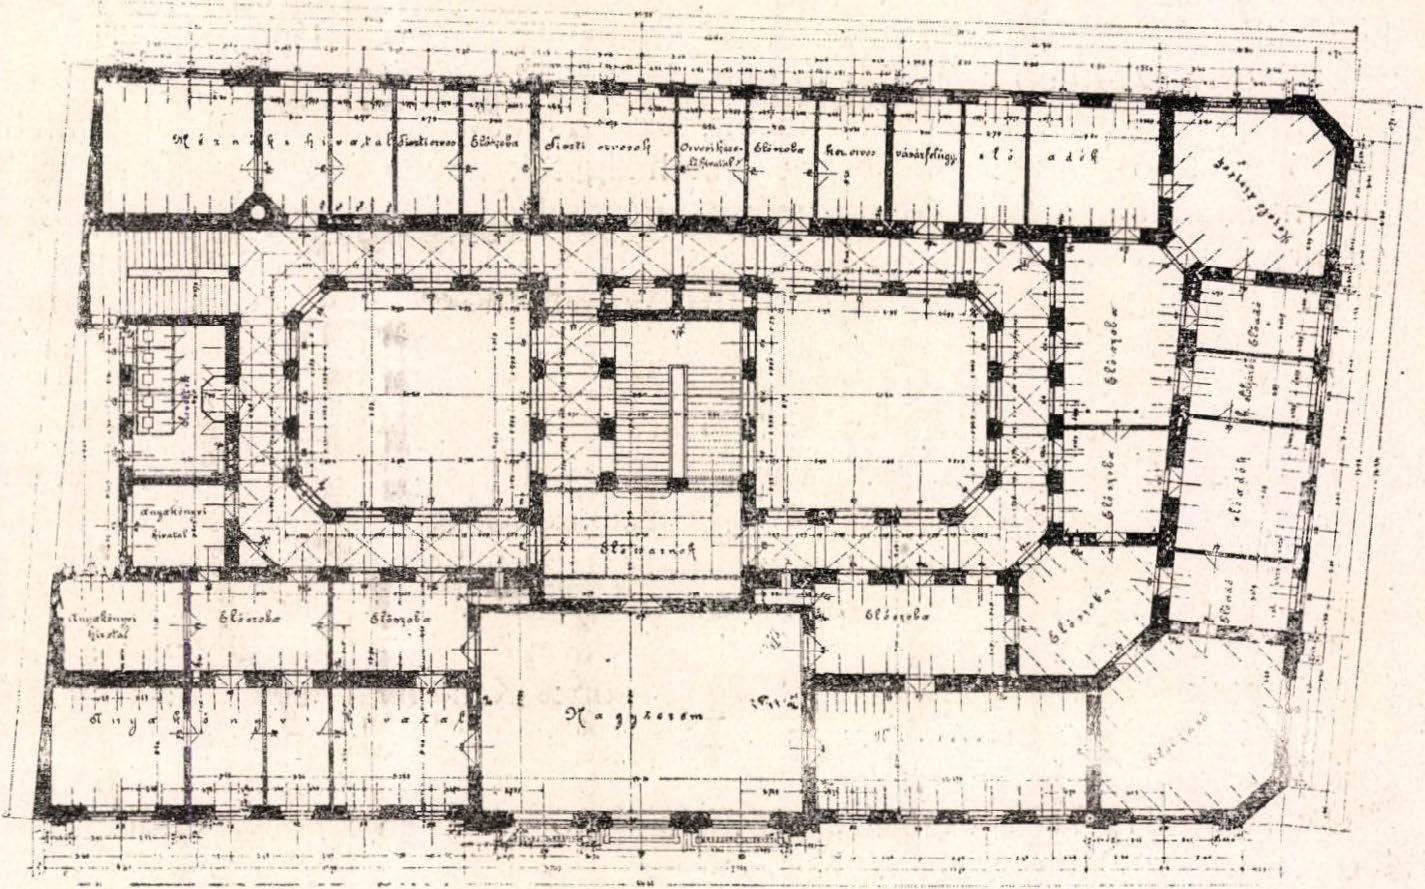 Első emeleti alaprajz. (Forrás: Építő Ipar, 1899)